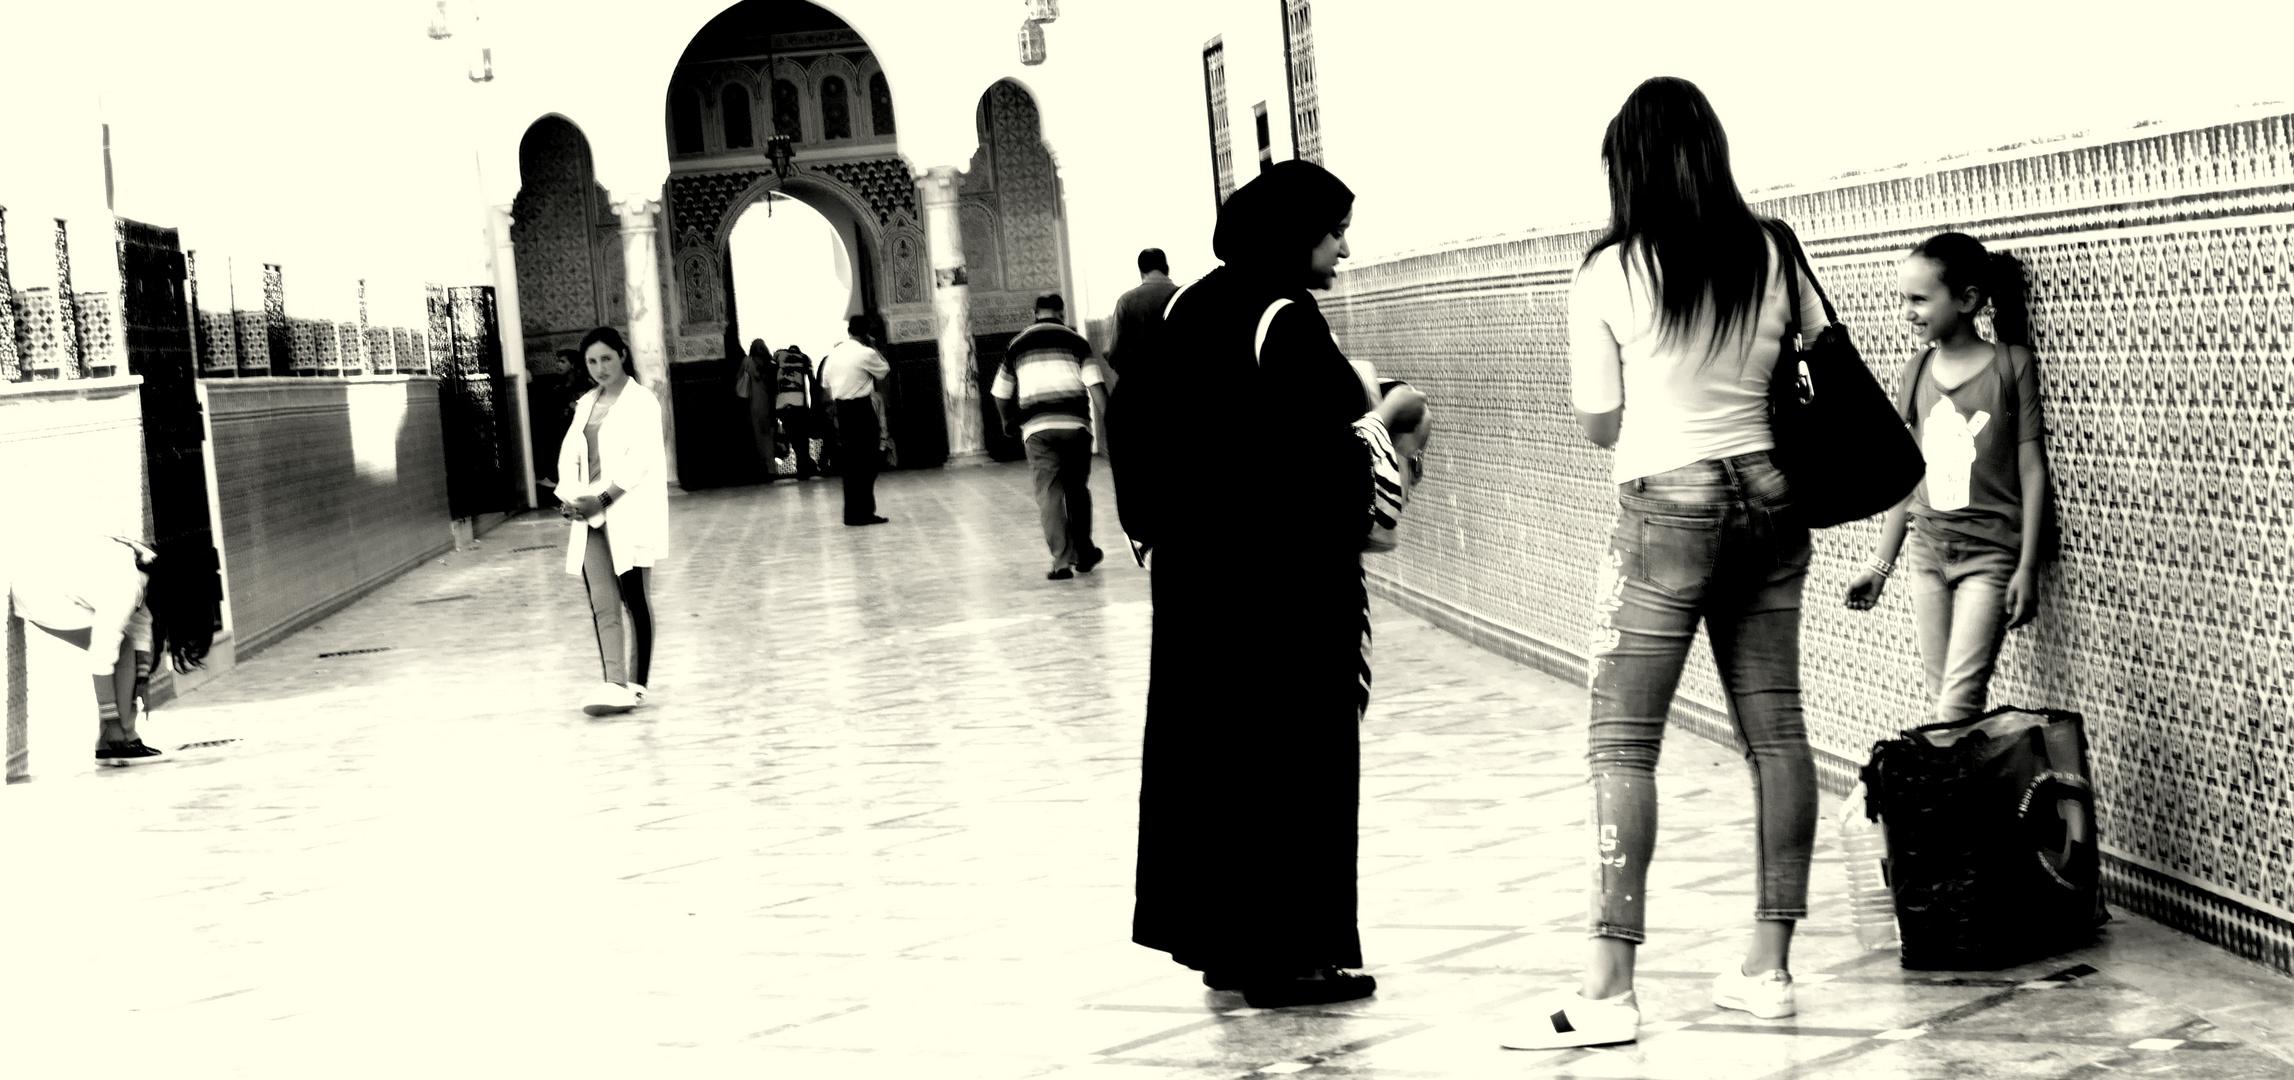 ....frauen...maroccanerinnen...